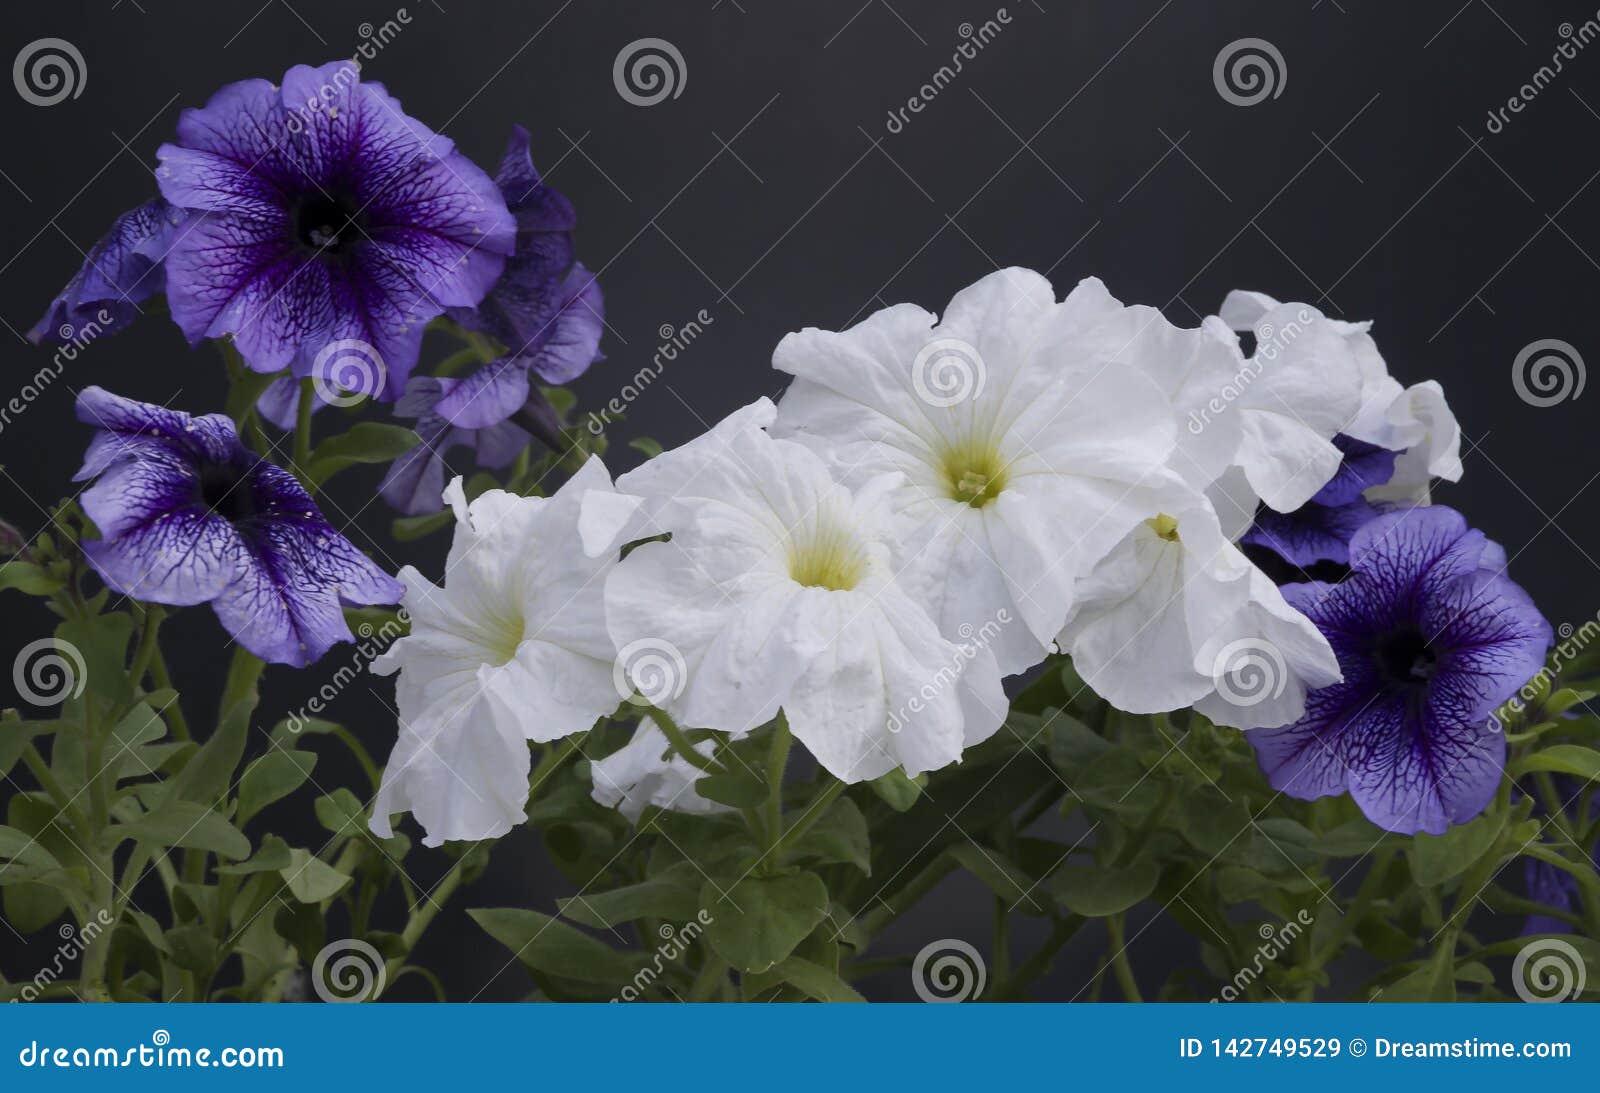 Mooie petuniabloemen in een pot tegen een donkere achtergrond